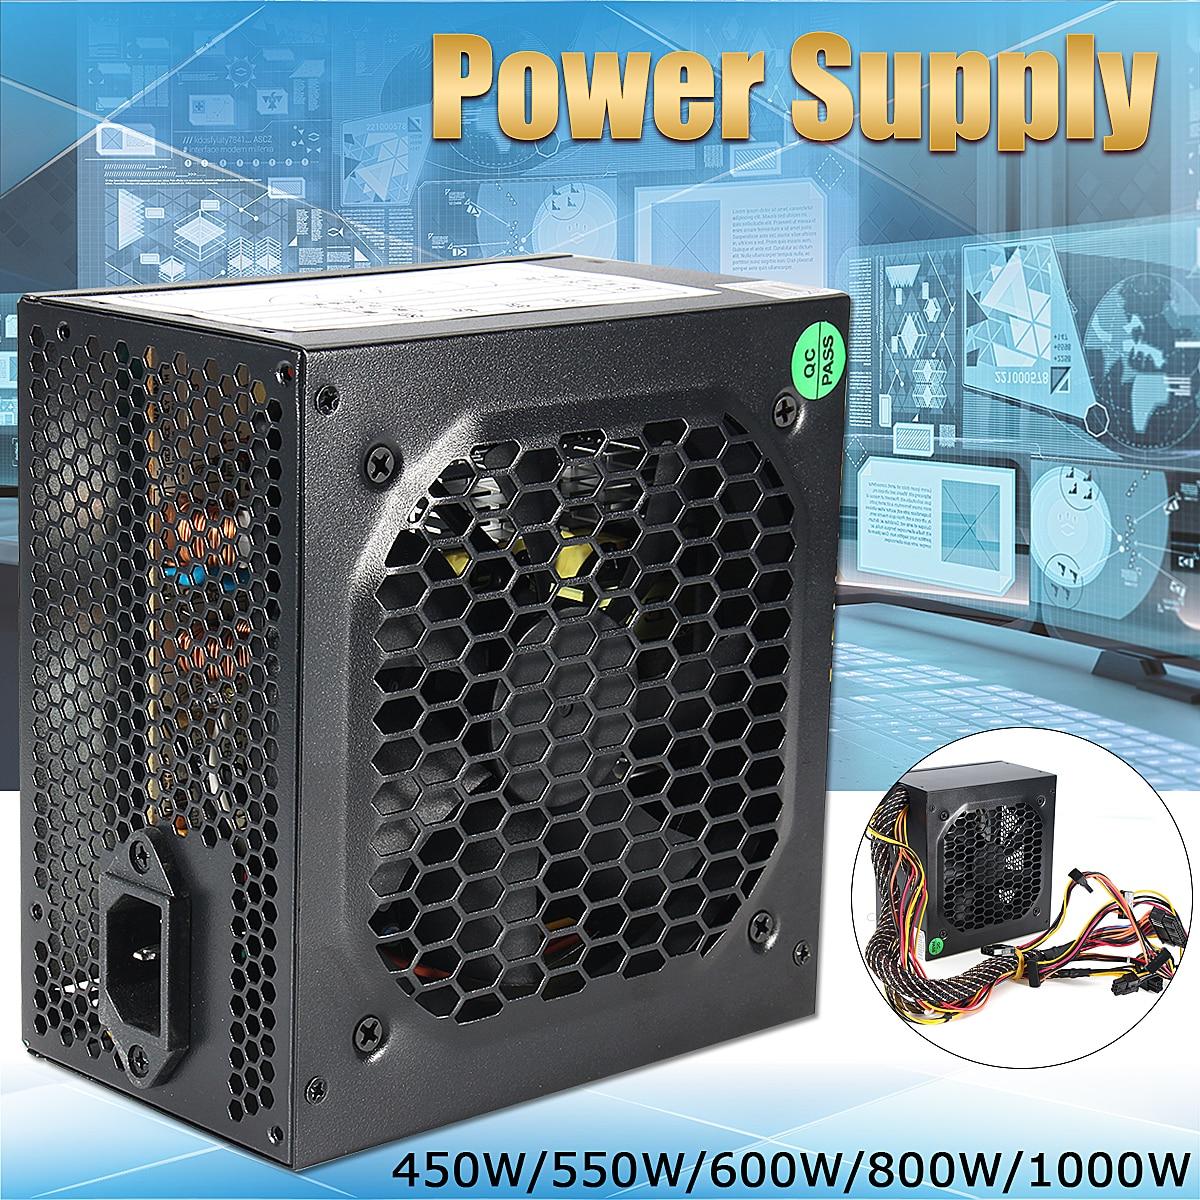 450 Watt PC Power Supply for HP Bestec ATX-250-12E ATX-300-12E PSU Sata NEW High Quality computer Power Supply For BTC